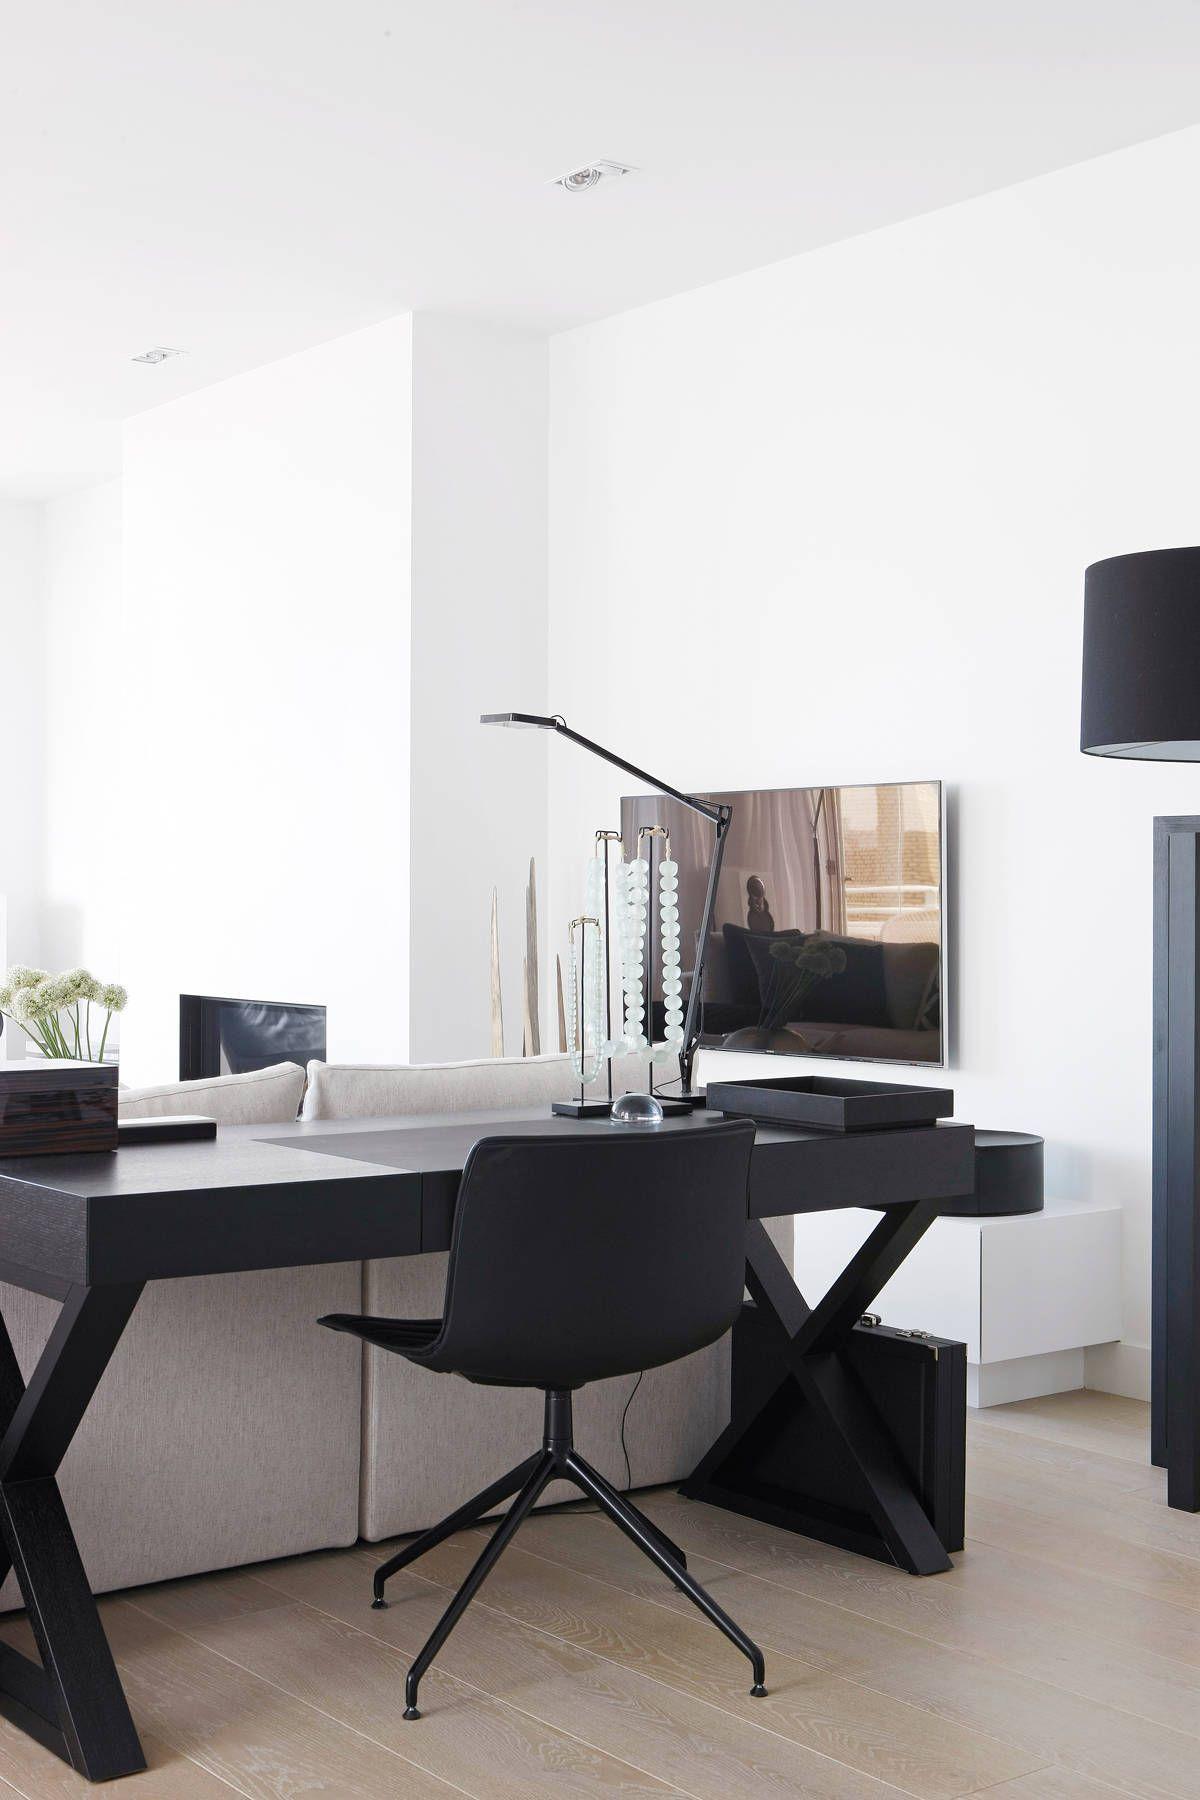 Foto\'s van een moderne woonkamer: appartement aan zee | Interior ...